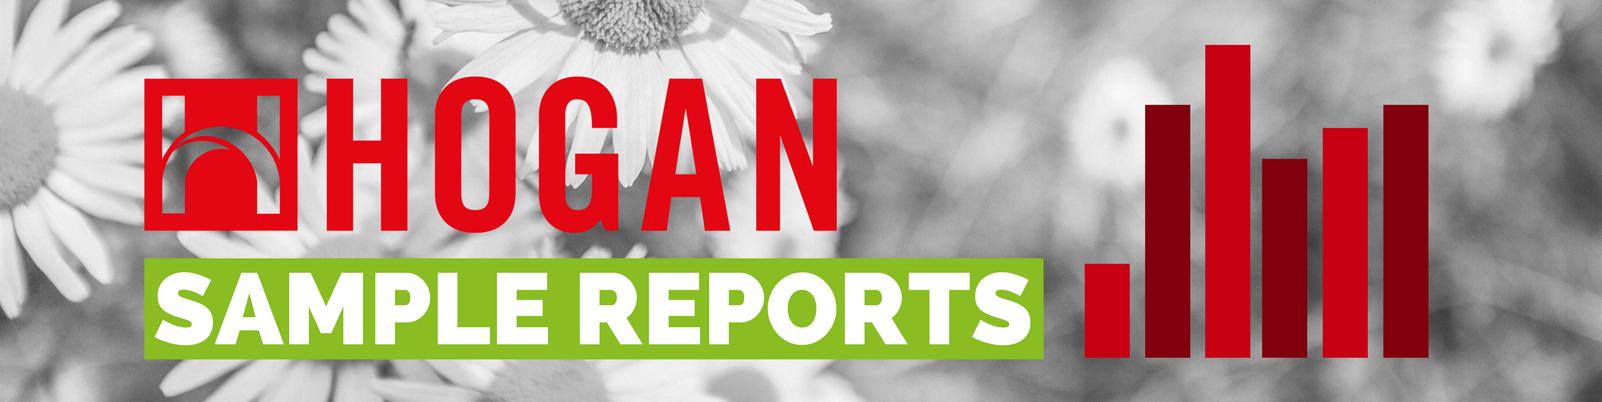 2hogan 360 sample report